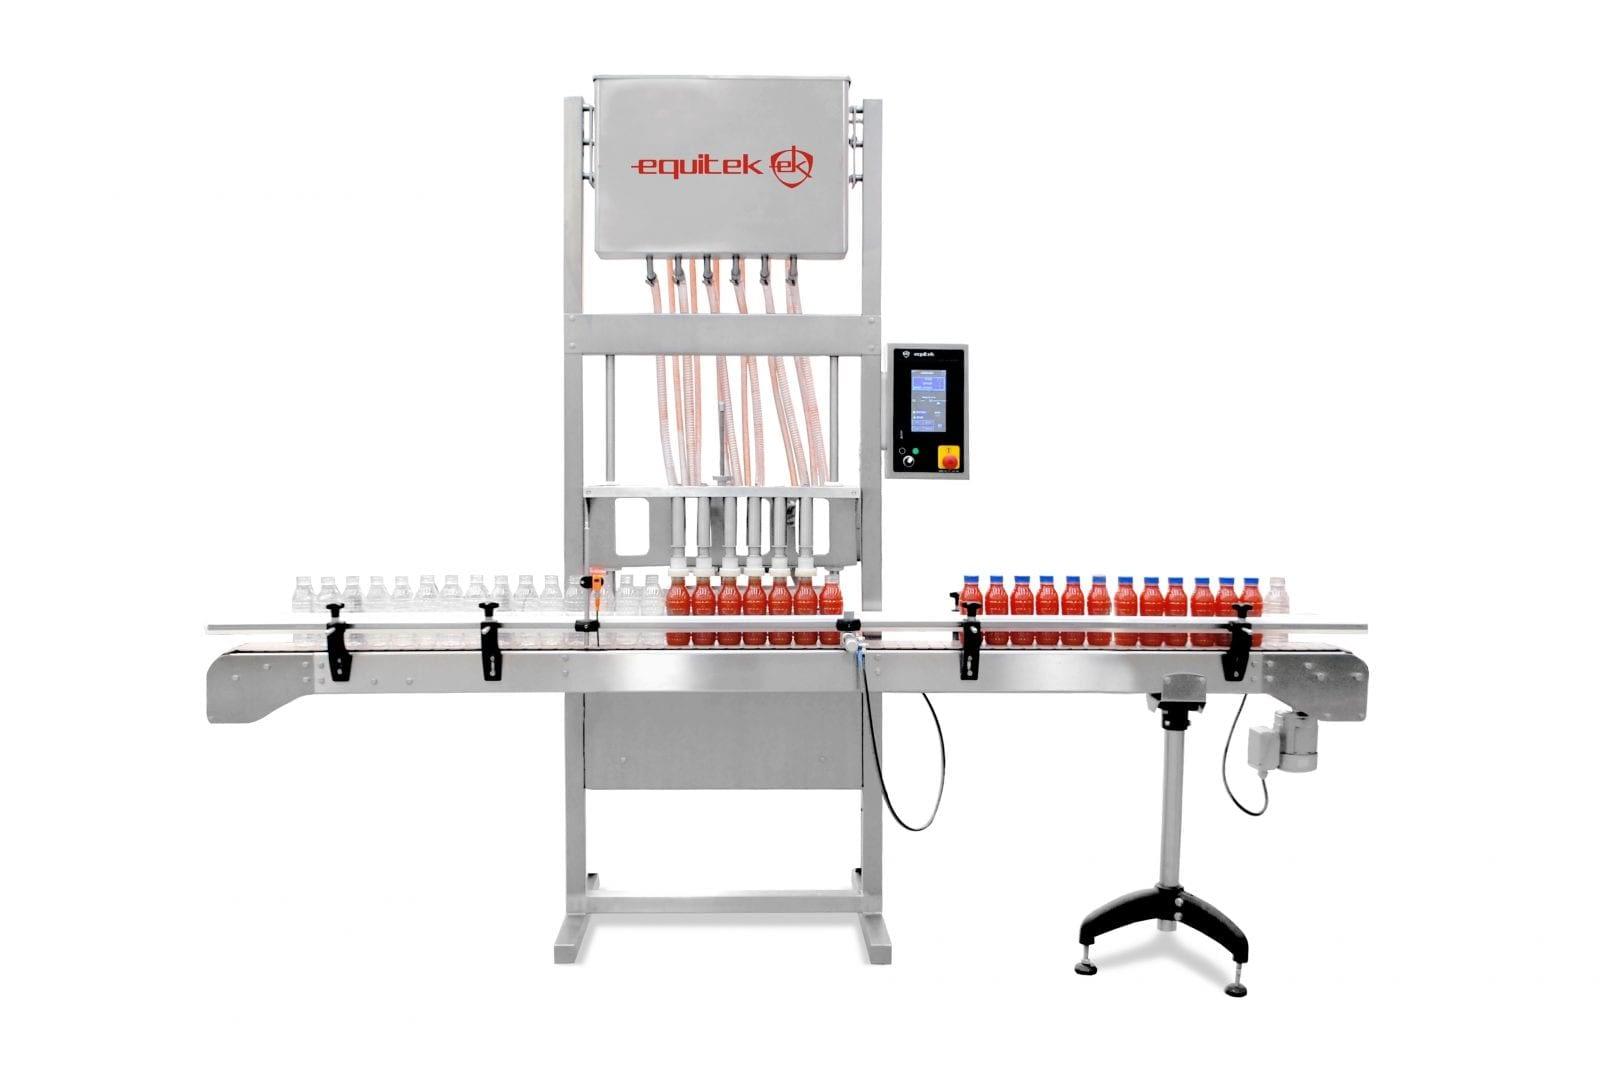 DNS-02-B dosificador de liquidos - Equitek